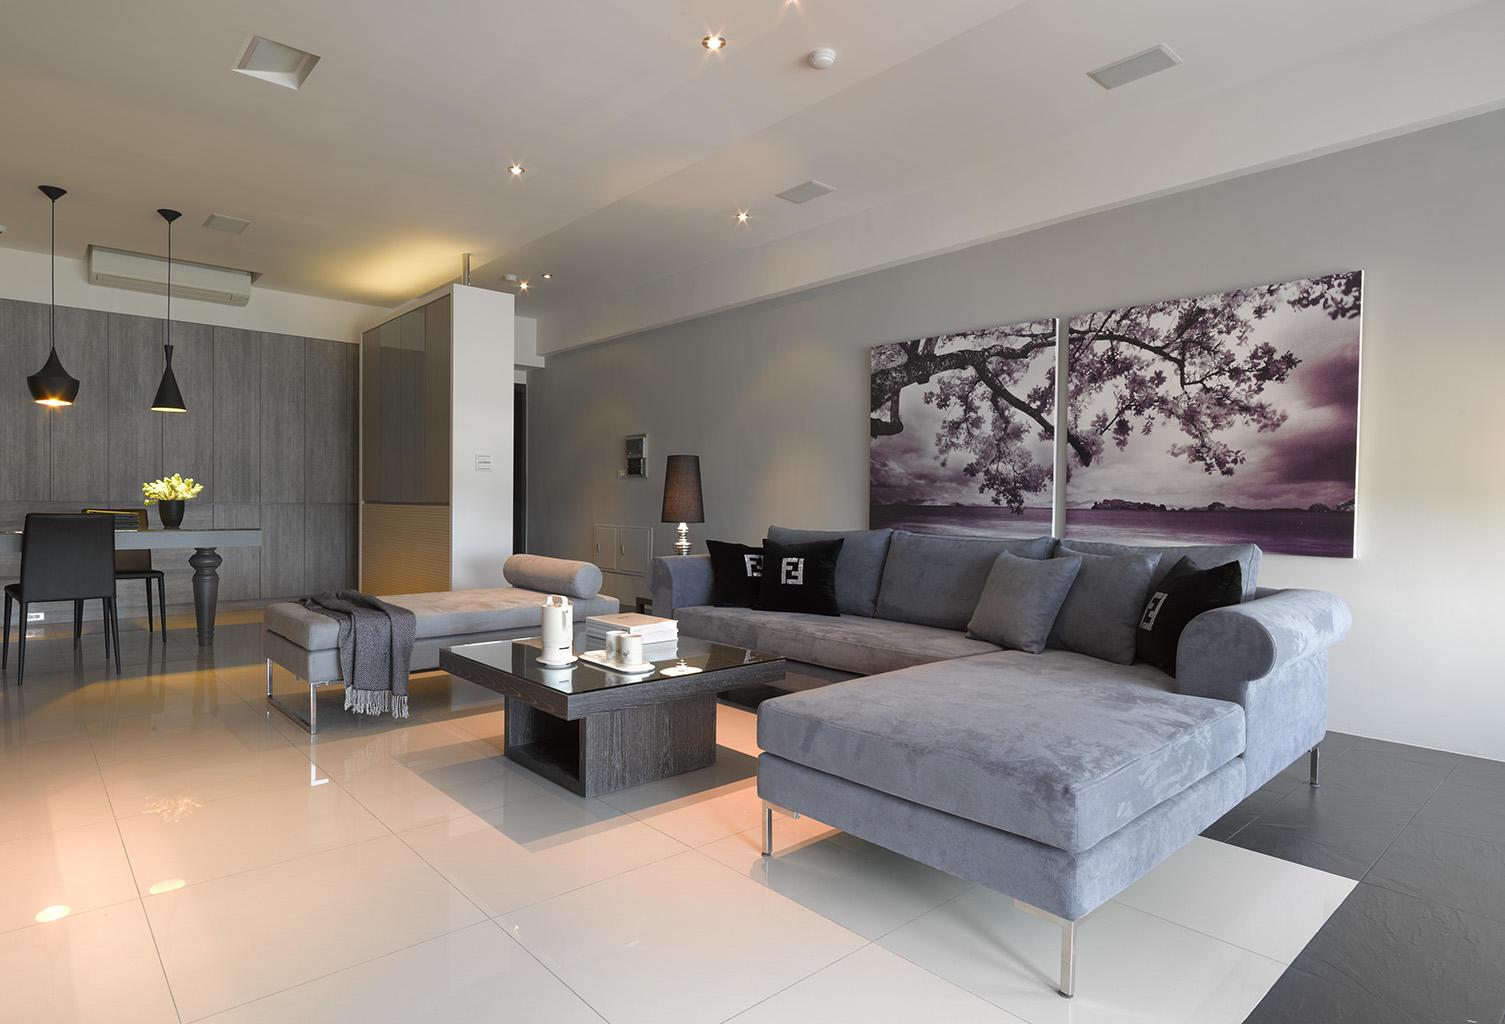 简洁雅致现代风格客厅挂画装饰效果图